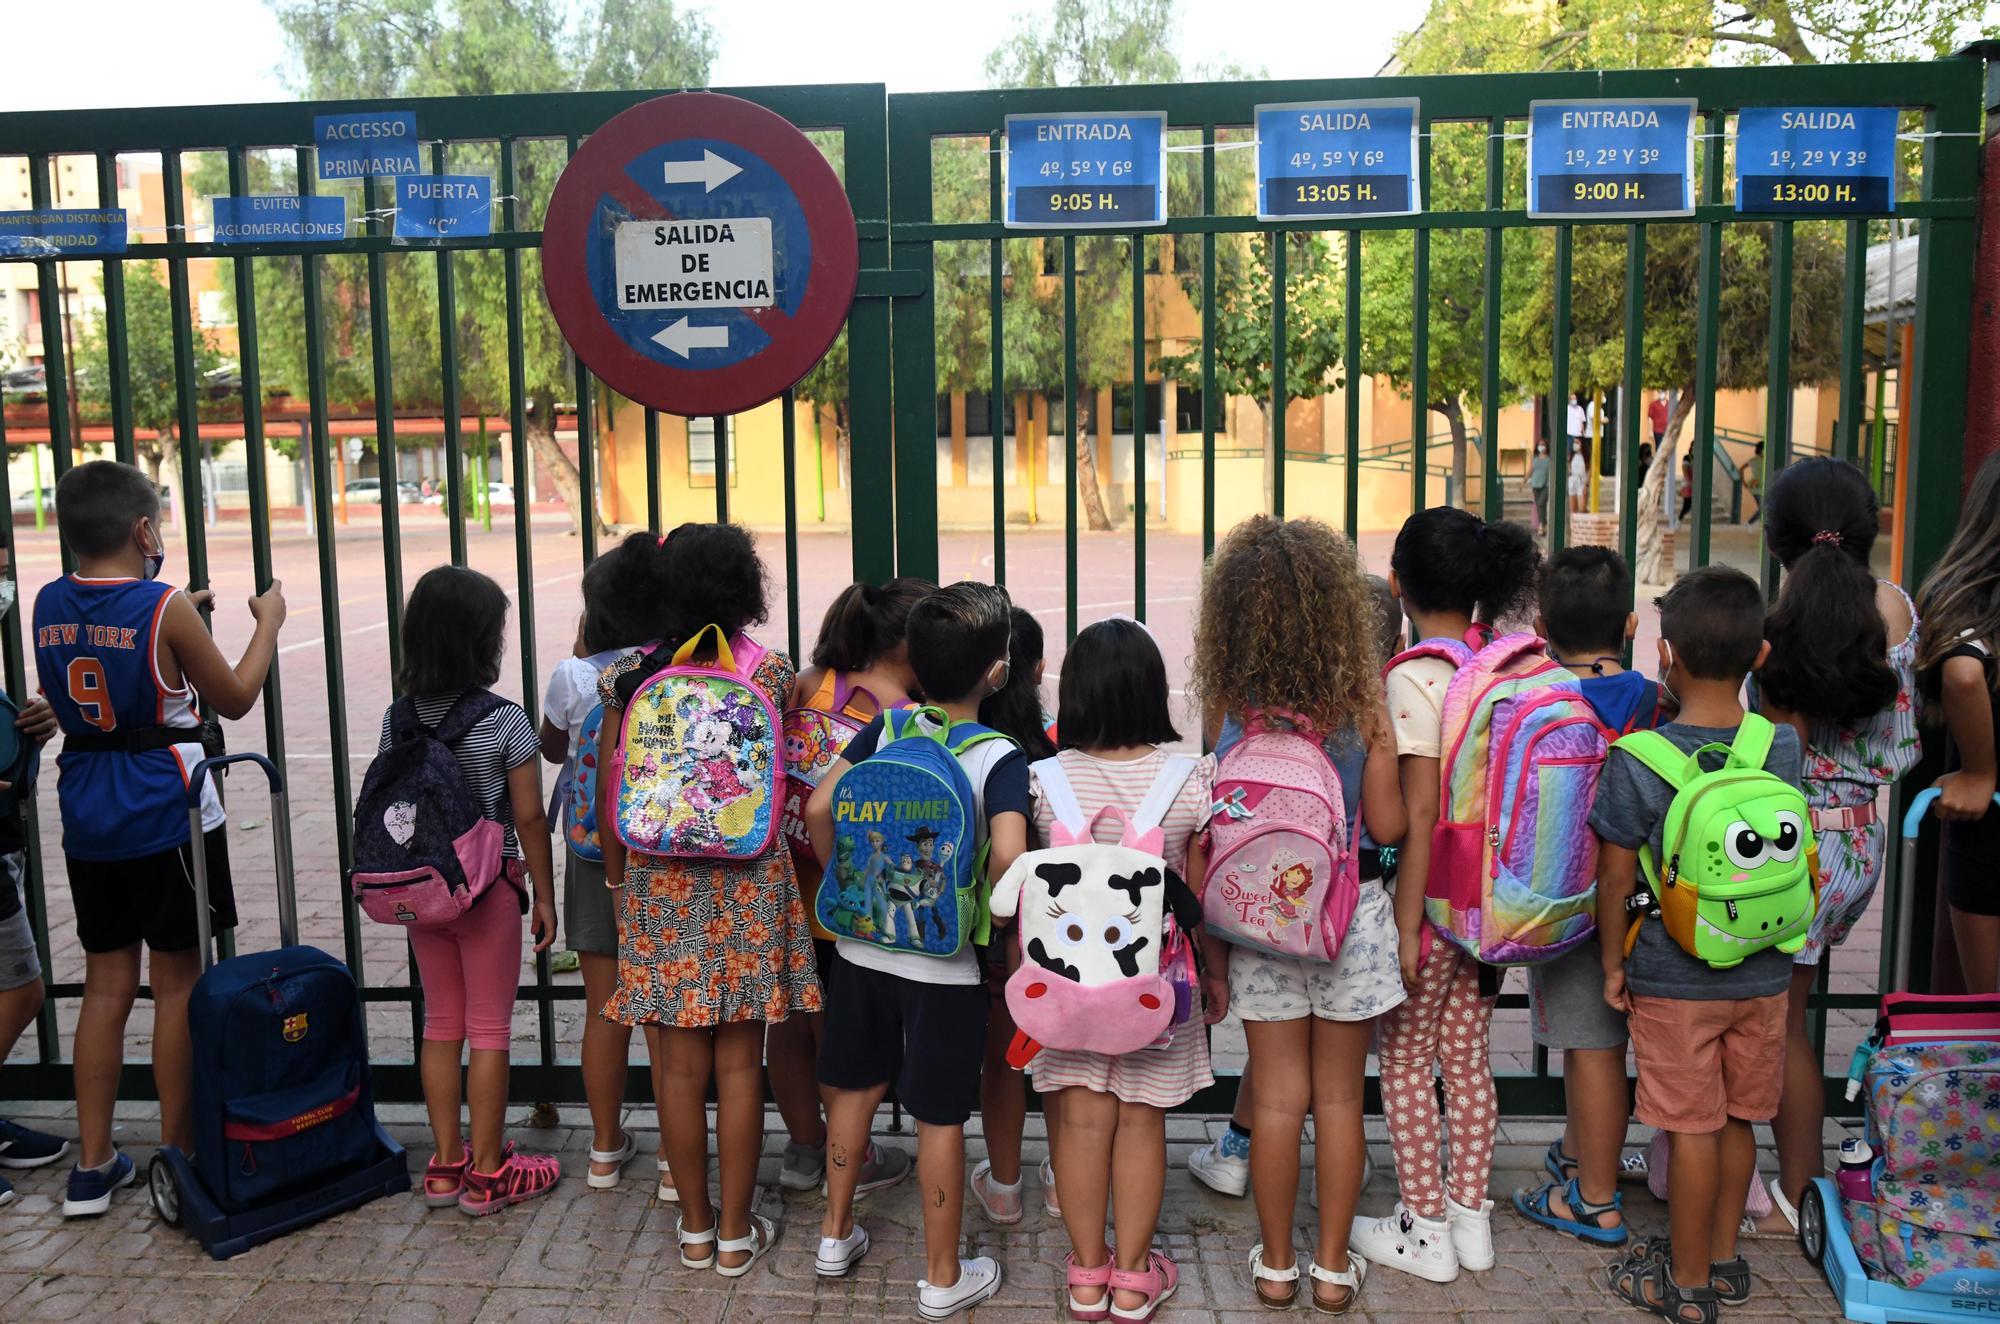 Vuelta al cole en Murcia: así han arrancado las clases en el colegio Vistabella de Alcantarilla